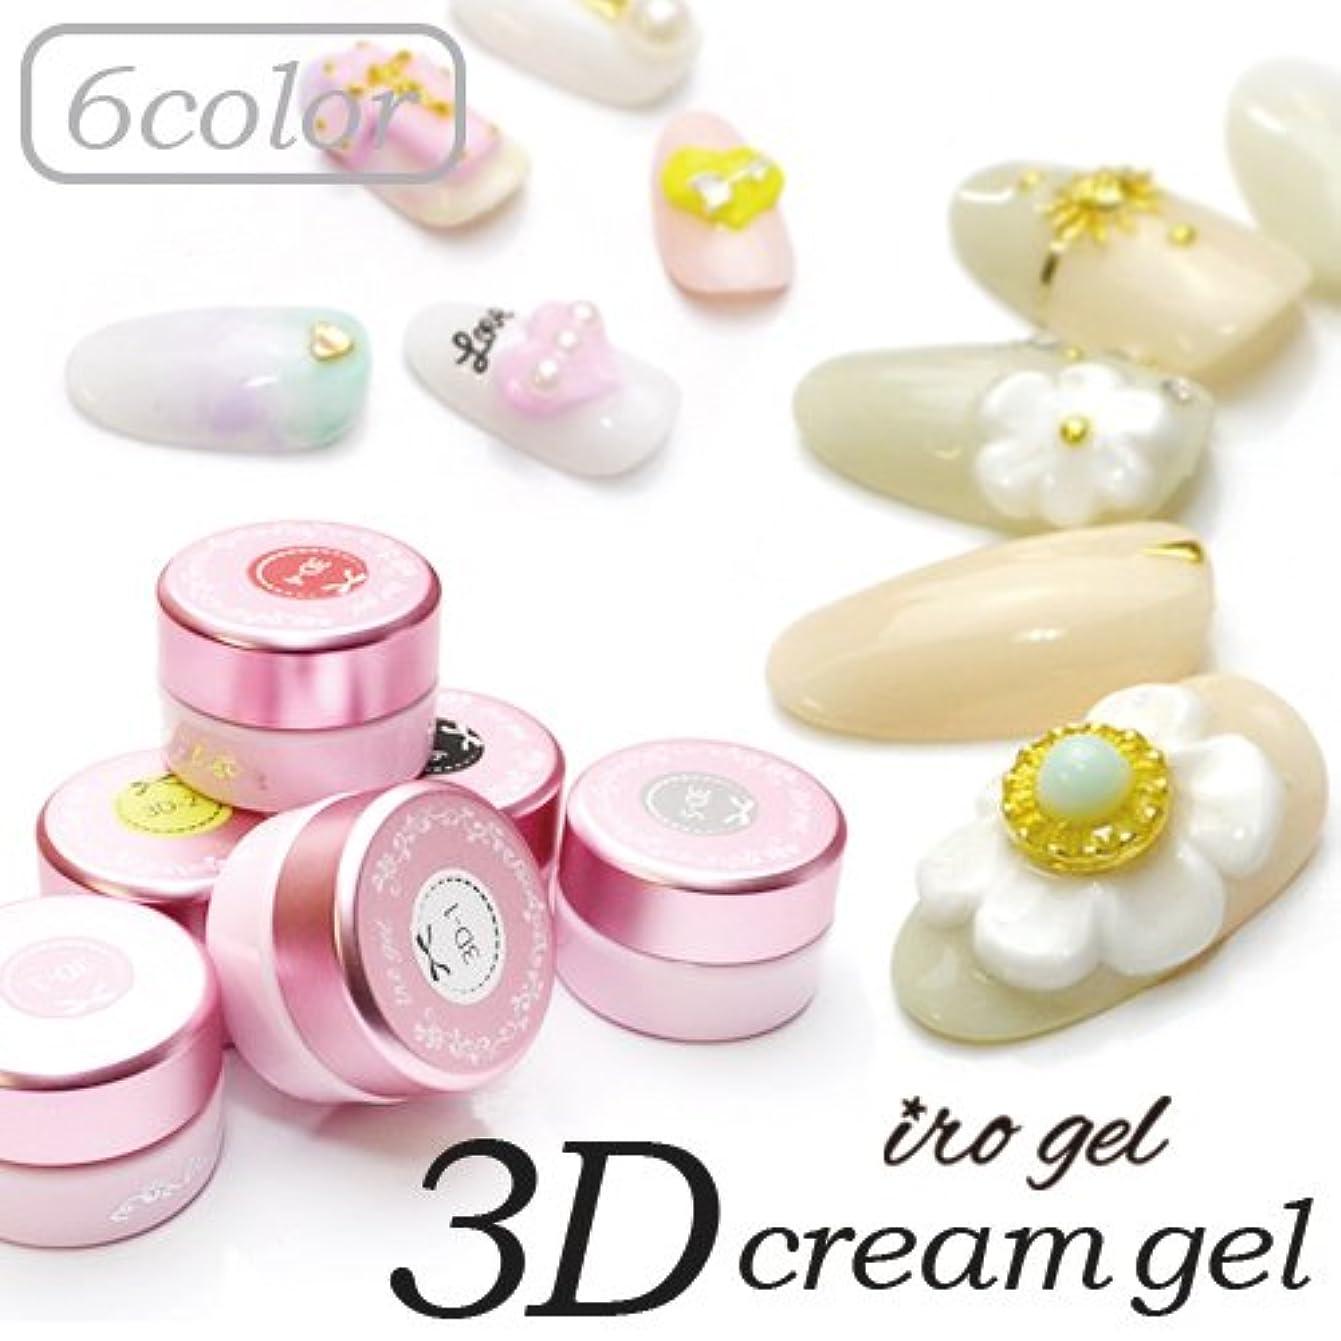 契約店主しなやか3D irogel(イロジェル)クリームジェル「1 ホワイト」3Dジェルネイル